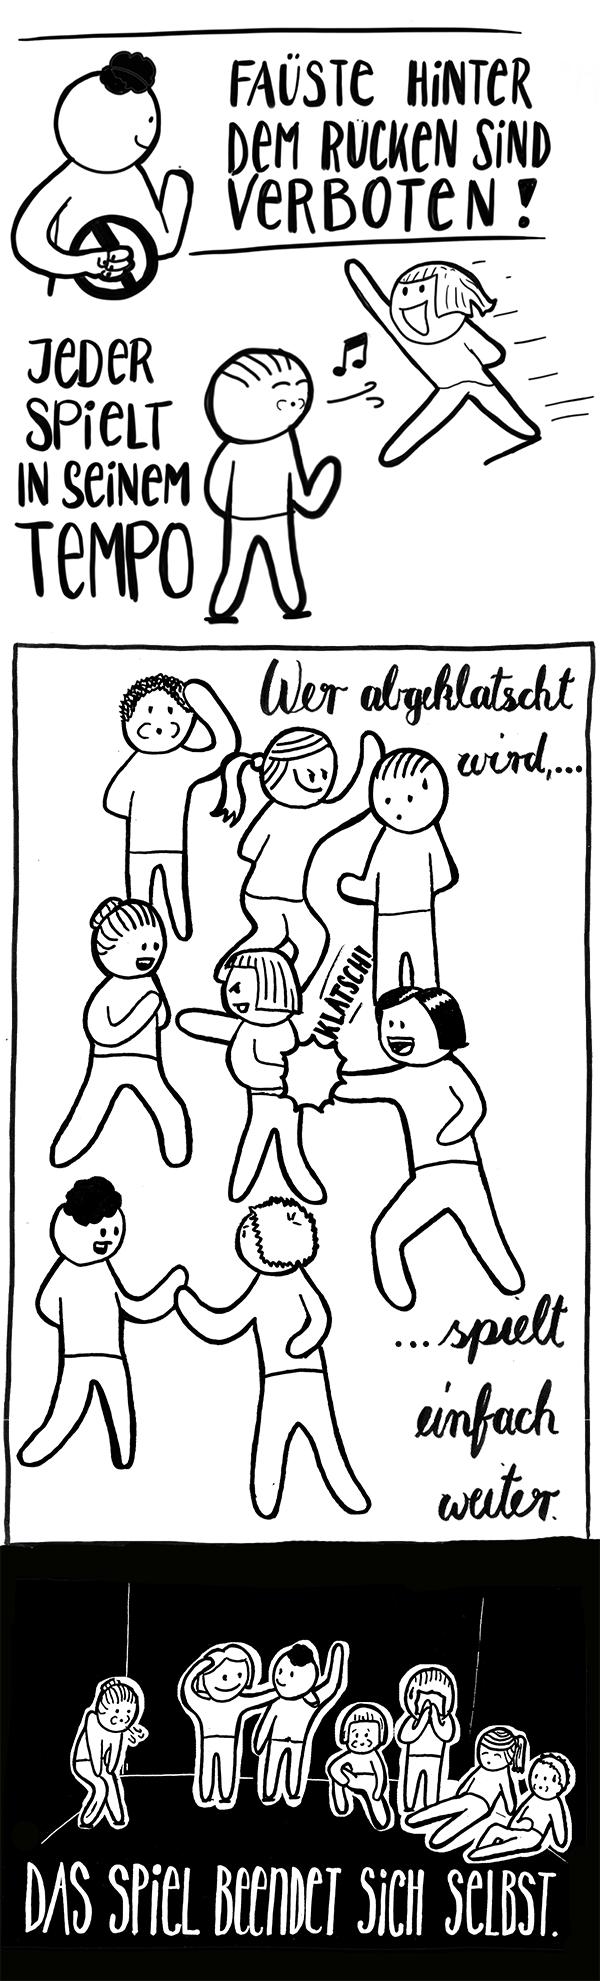 Gruppenspiele zum kennenlernen für erwachsene